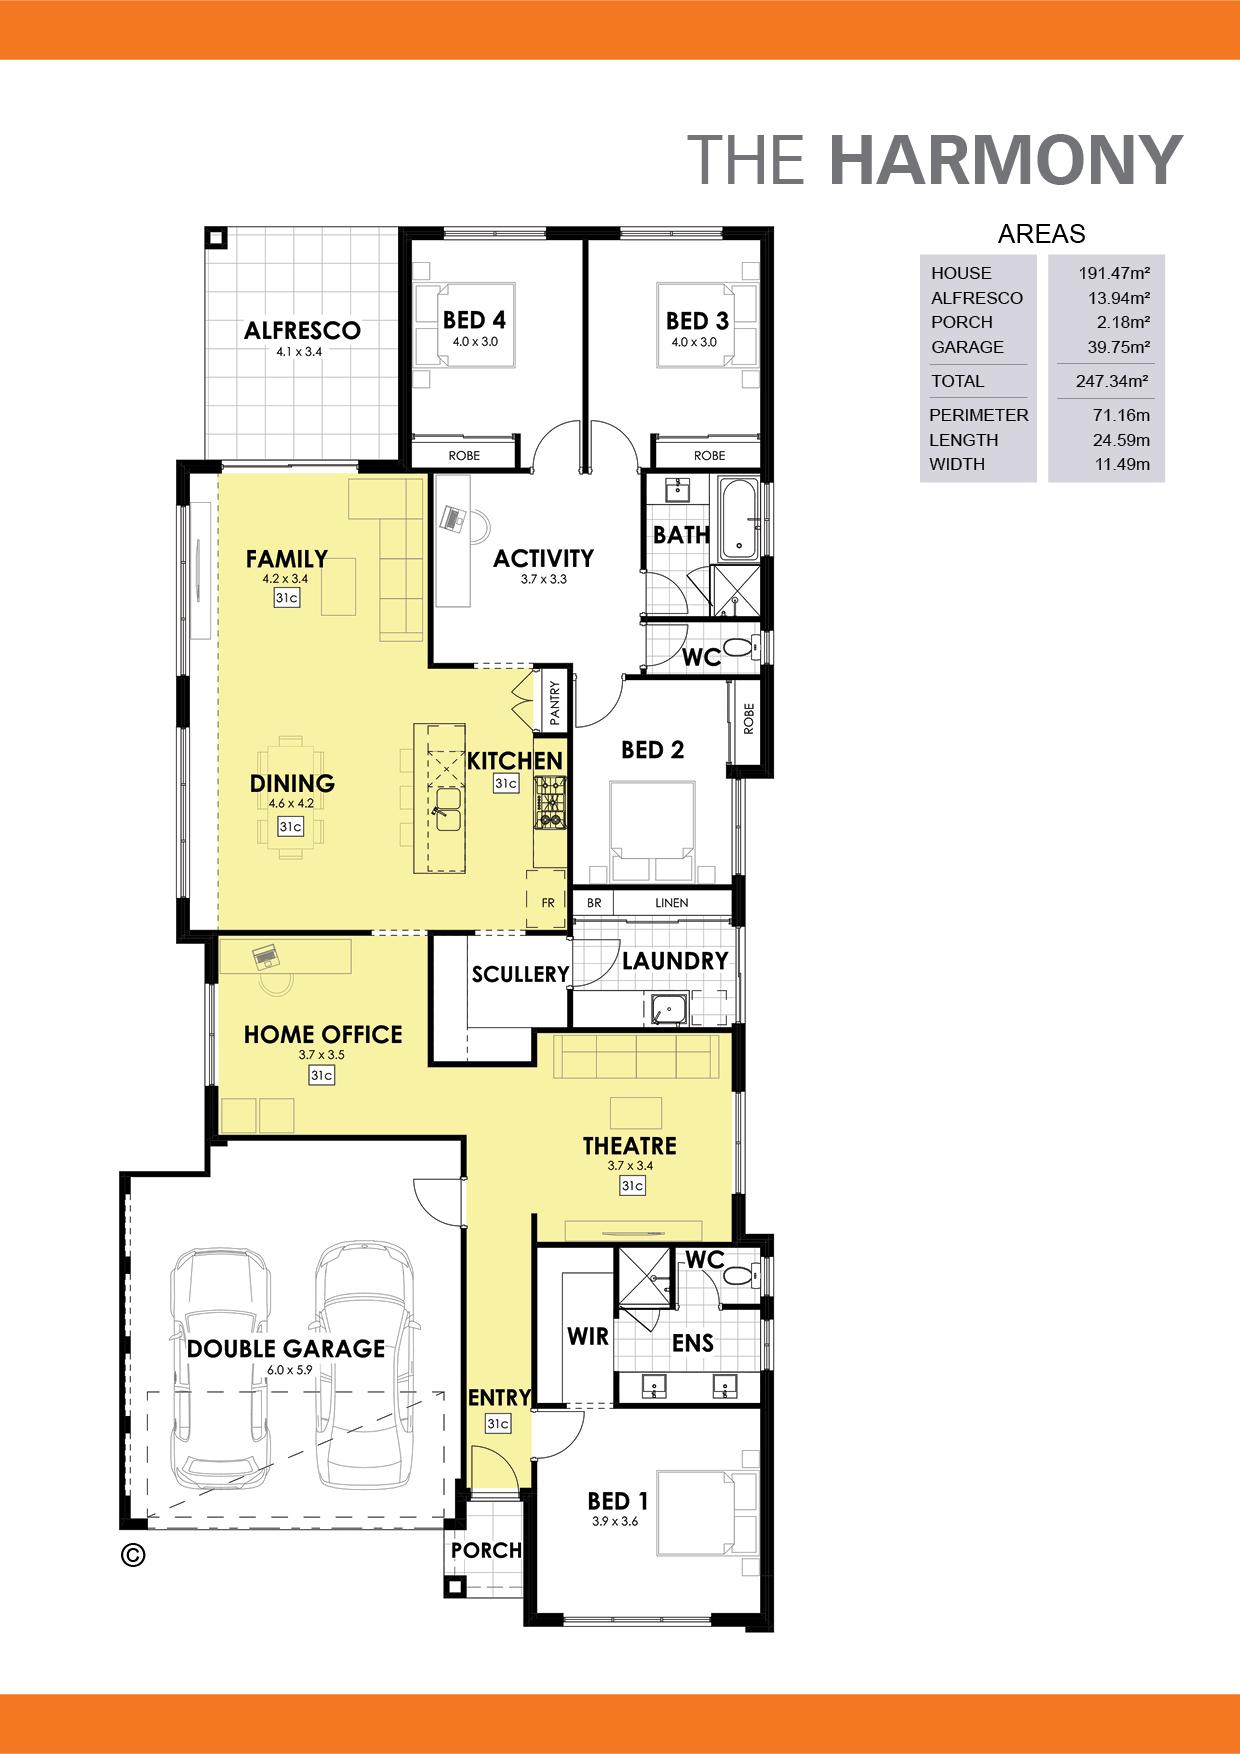 The Harmony Floorplan